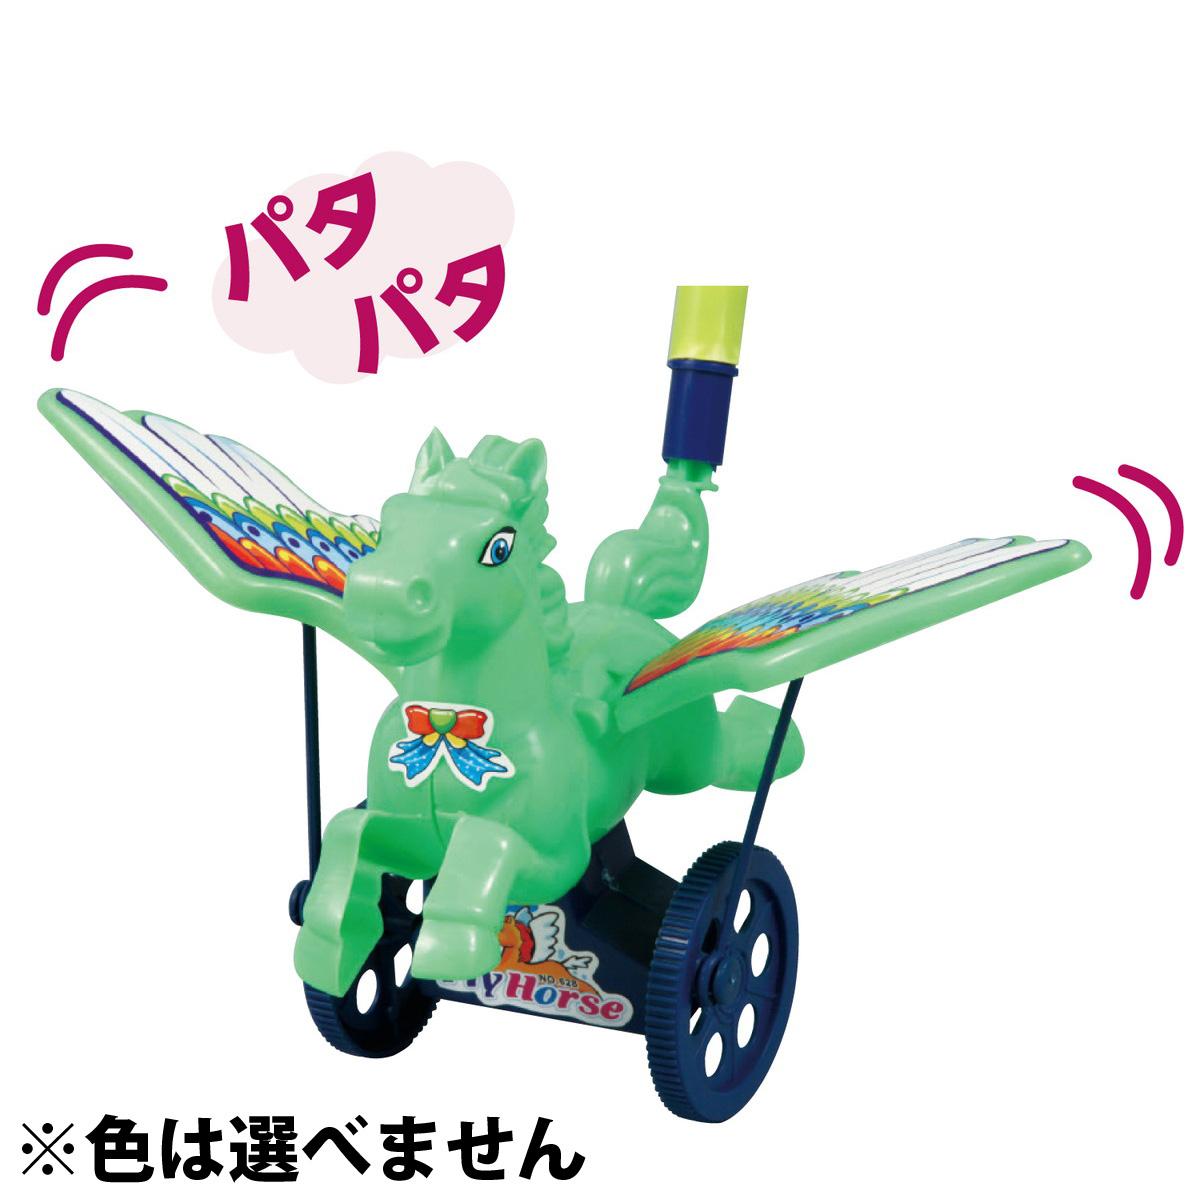 コロコロペガサス ランダムカラー ゲーム おもちゃ こども 子供 遊び 玩具 クリスマスプレゼント